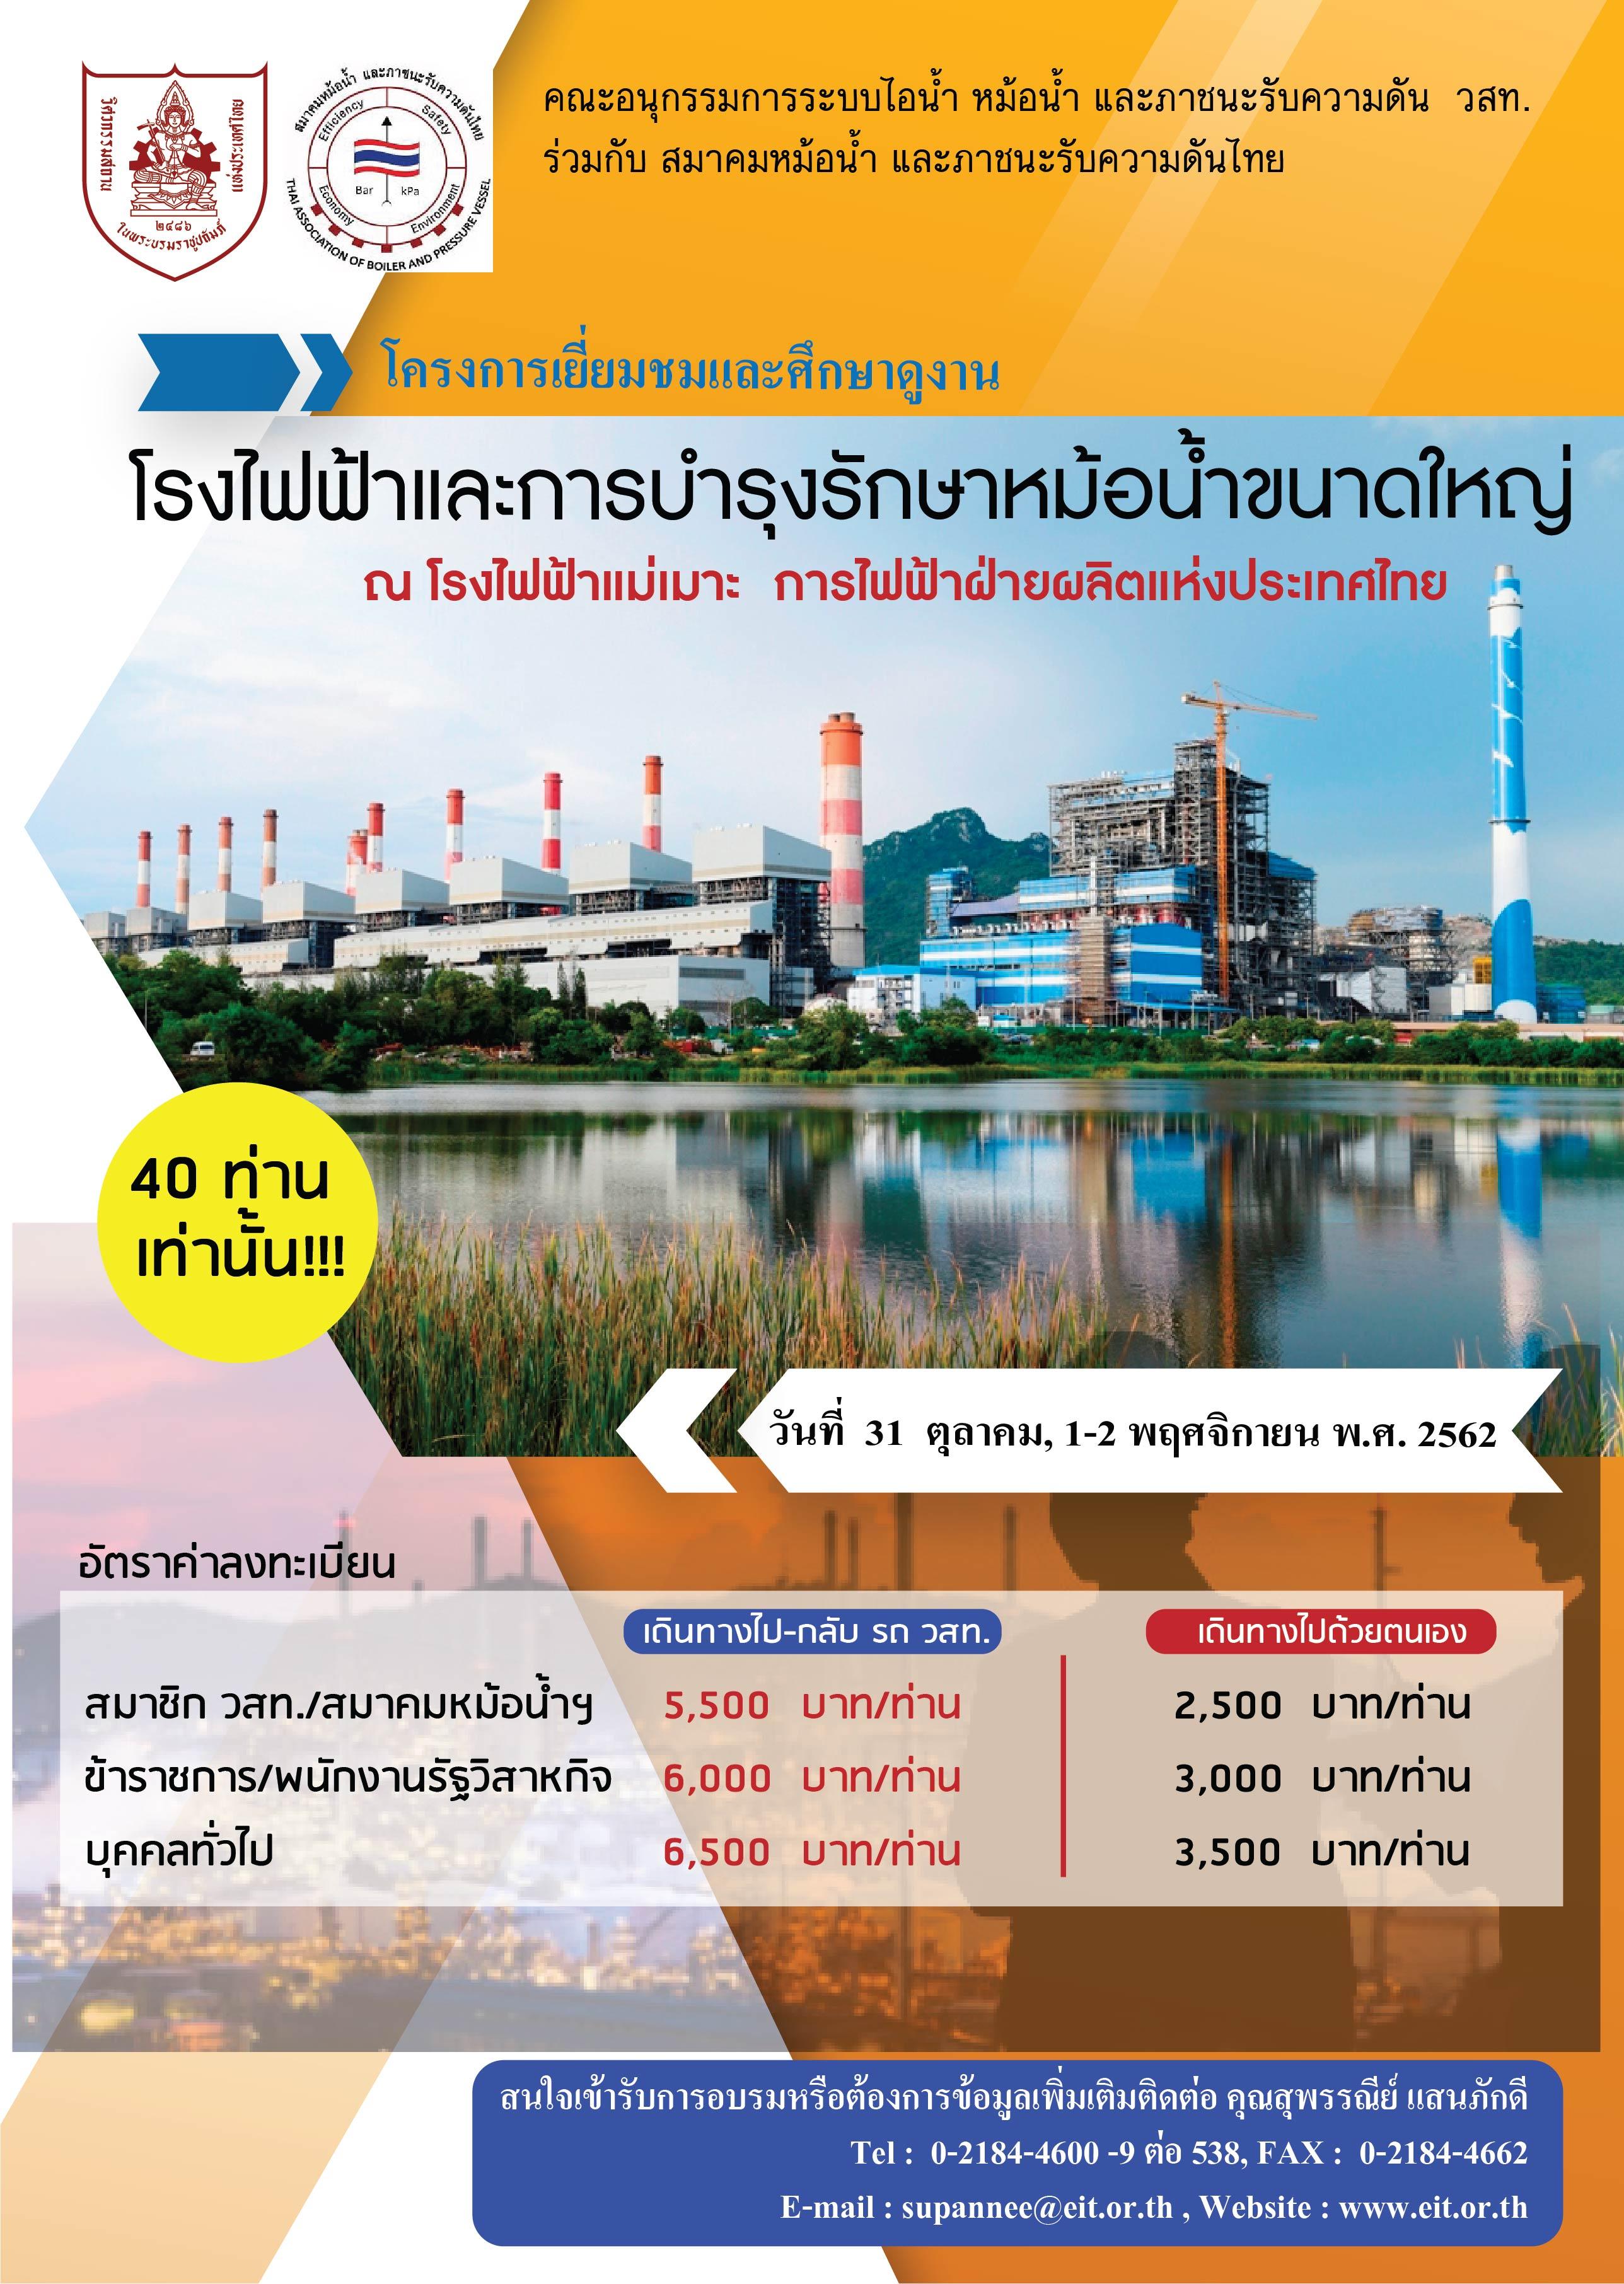 31/10 – 1, 2 /11/2562 โครงการเยี่ยมชมและศึกษาดูงาน โรงไฟฟ้าและการบำรุงรักษาหม้อน้ำขนาดใหญ่